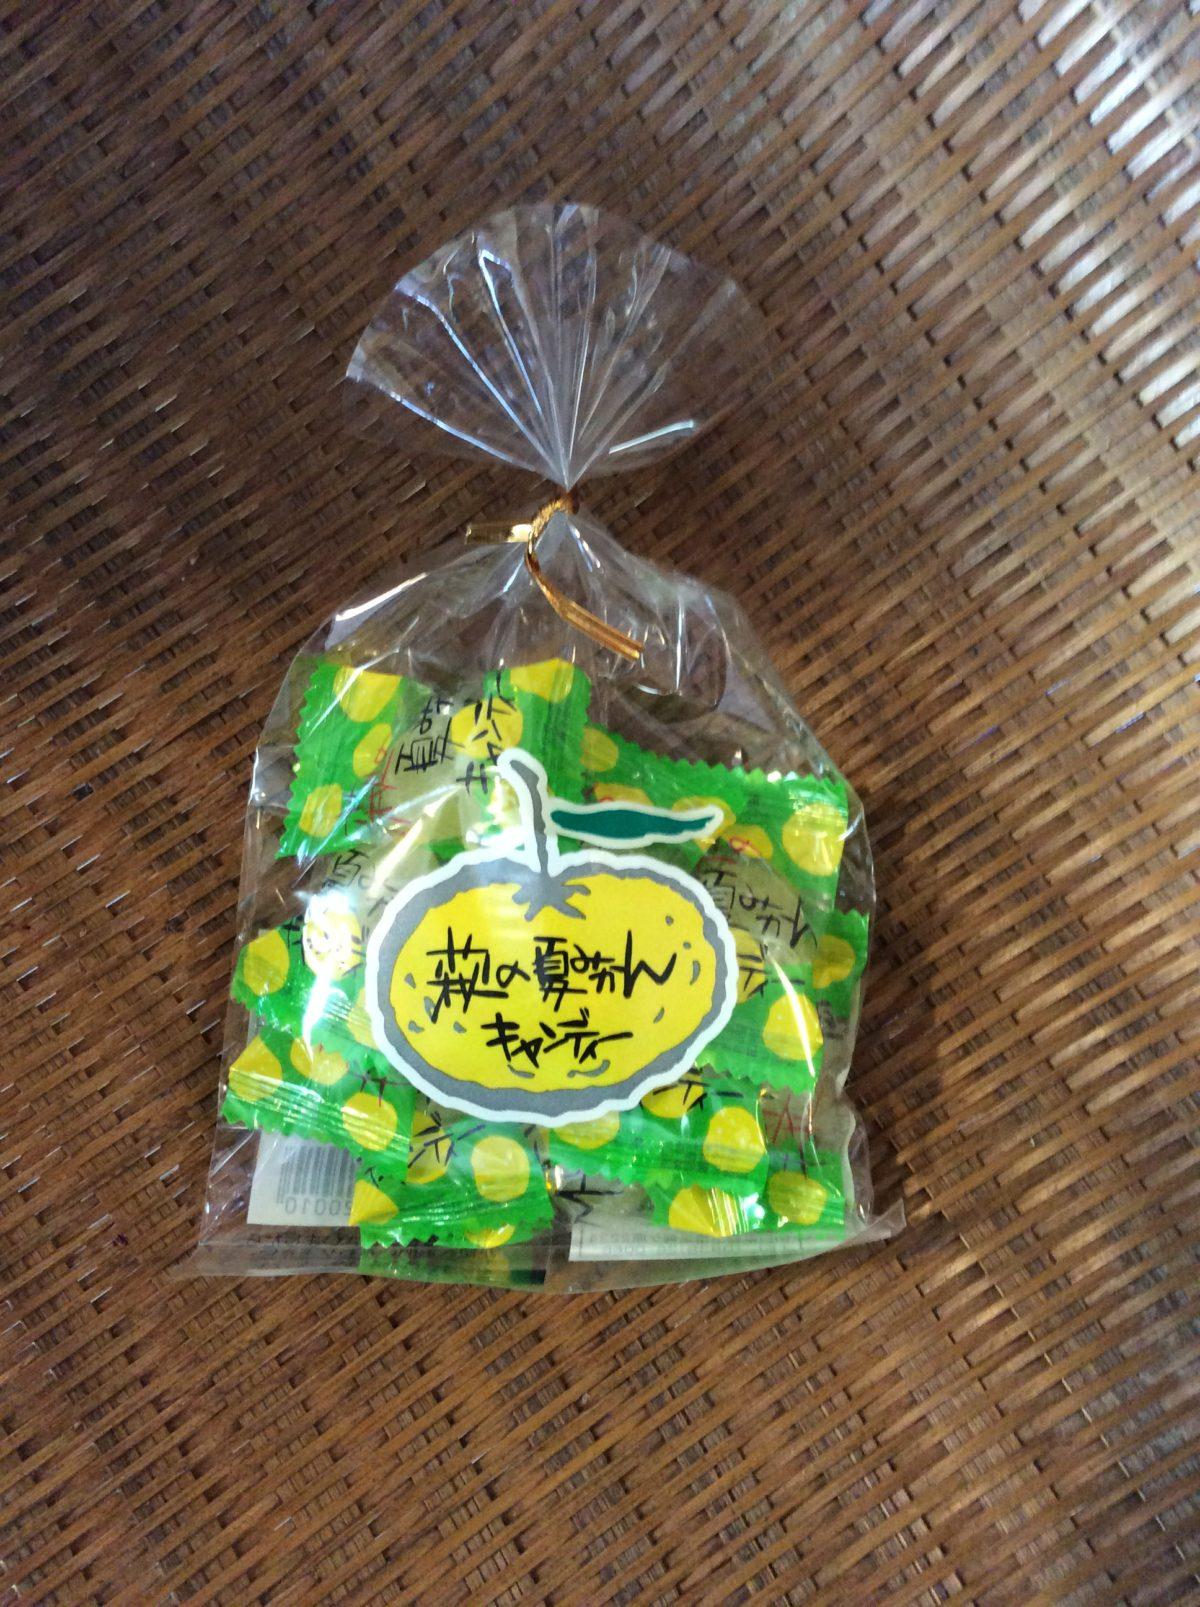 萩の夏みかんキャンディー